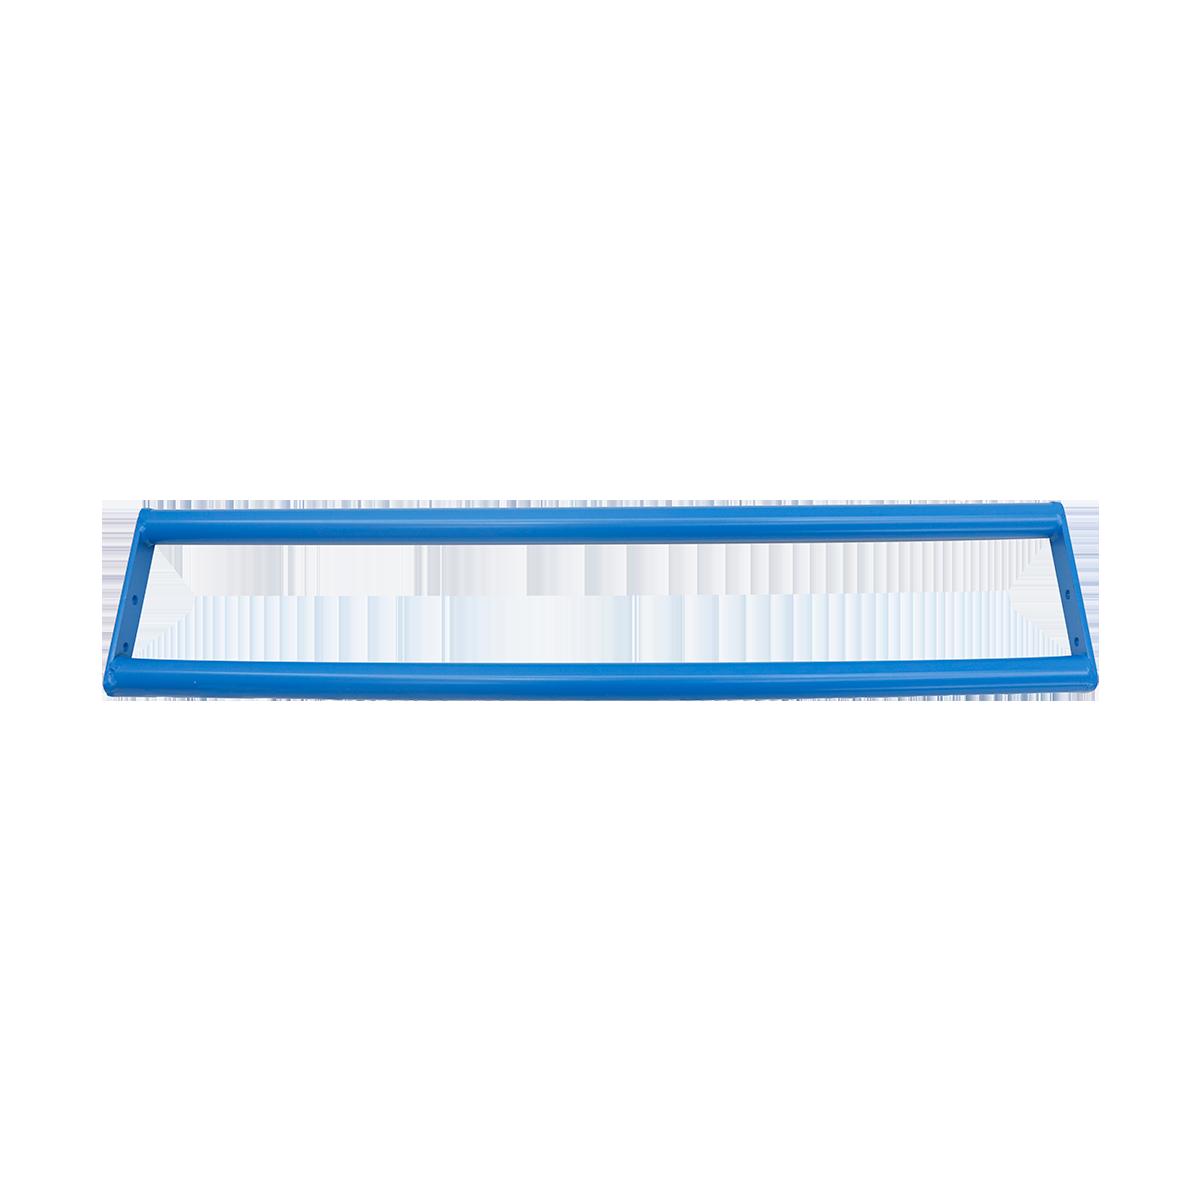 ΒΑΣΗ-ΑΠΟΘΗΚΕΥΣΗΣ-ΑΞΕΣΟΥΑΡ-182cm_HEG1013182ACC.png